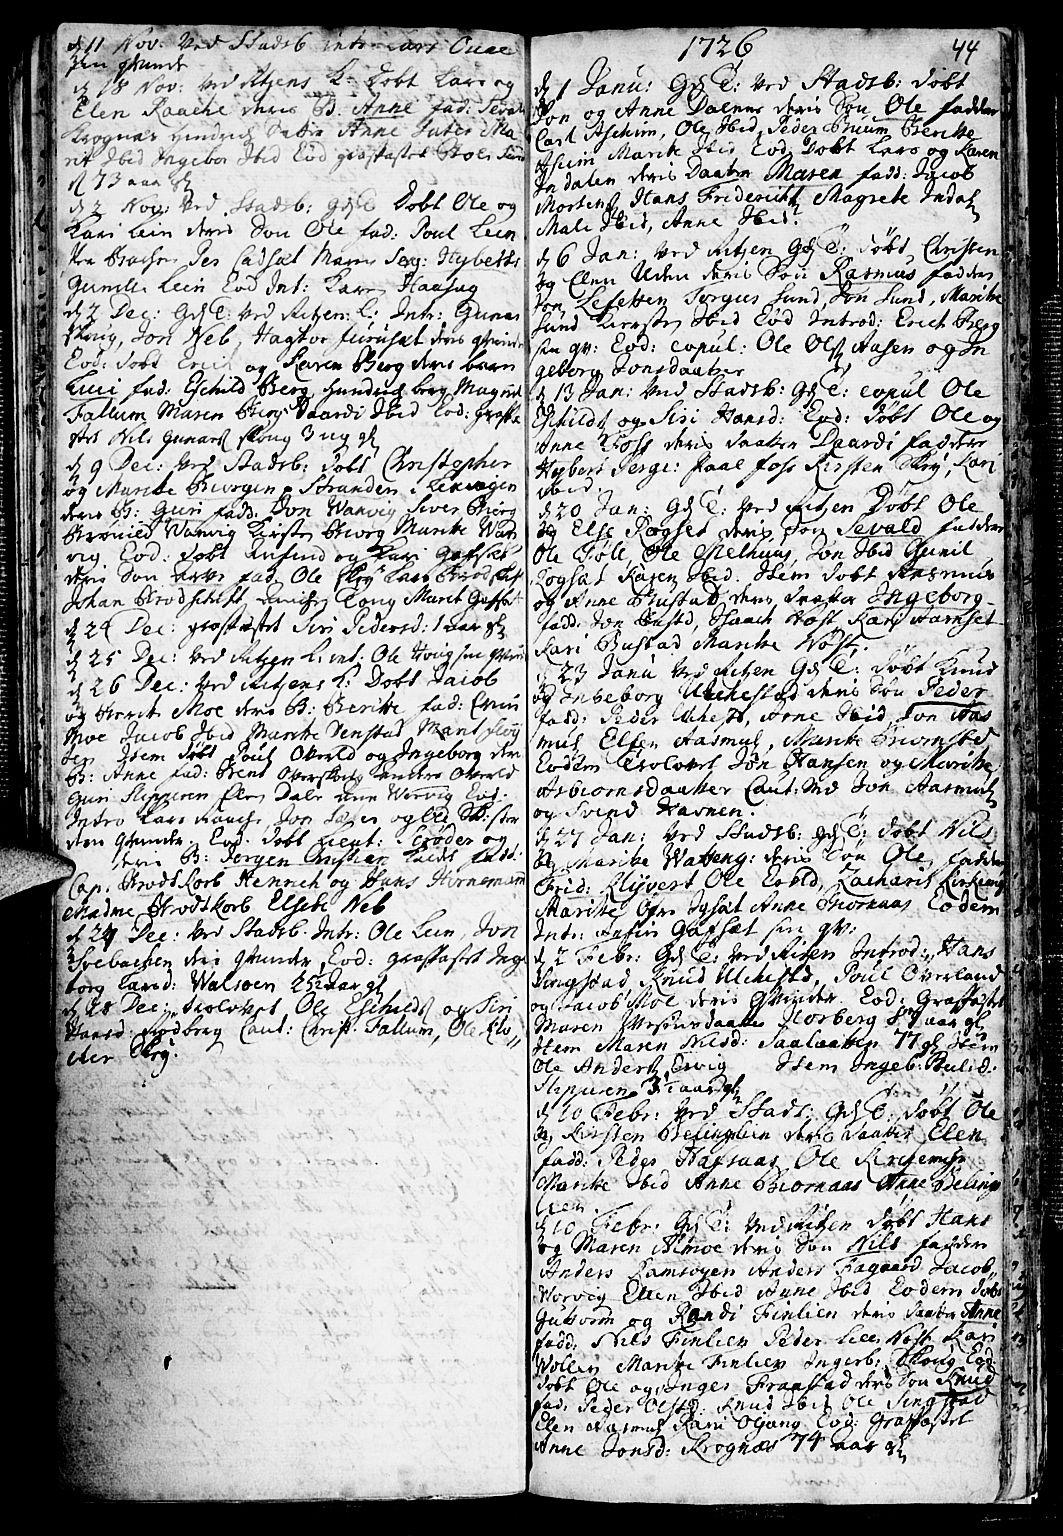 SAT, Ministerialprotokoller, klokkerbøker og fødselsregistre - Sør-Trøndelag, 646/L0603: Ministerialbok nr. 646A01, 1700-1734, s. 44